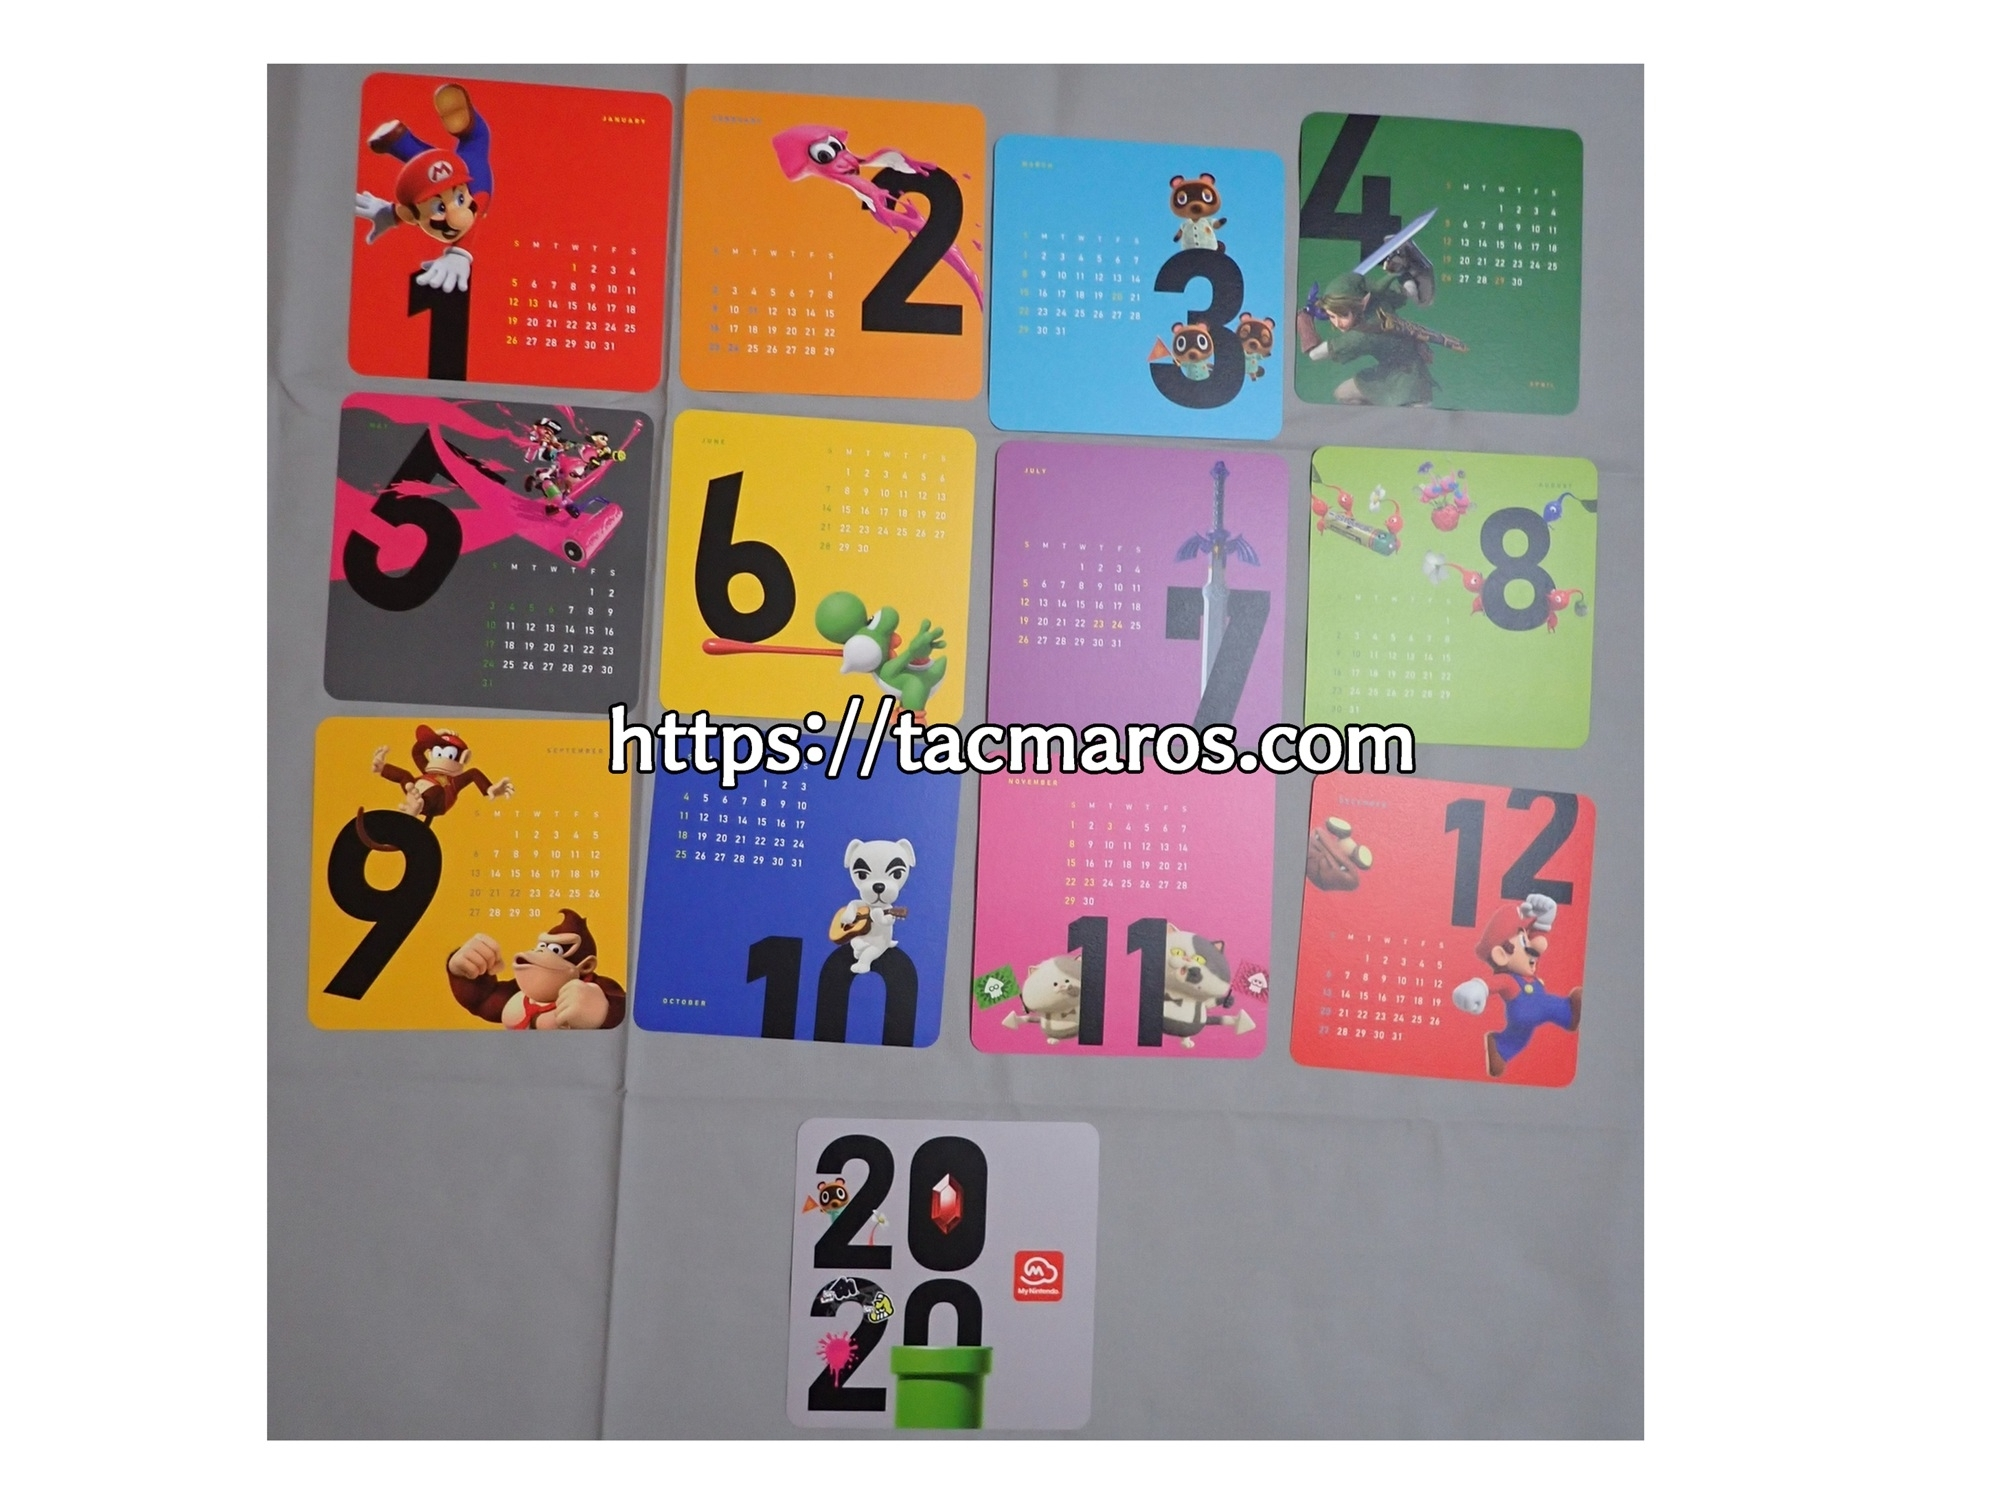 マイニンテンドープラチナポイント交換グッズ マイニンテンドーオリジナルカレンダー2020 十二か月分全ての写真一覧